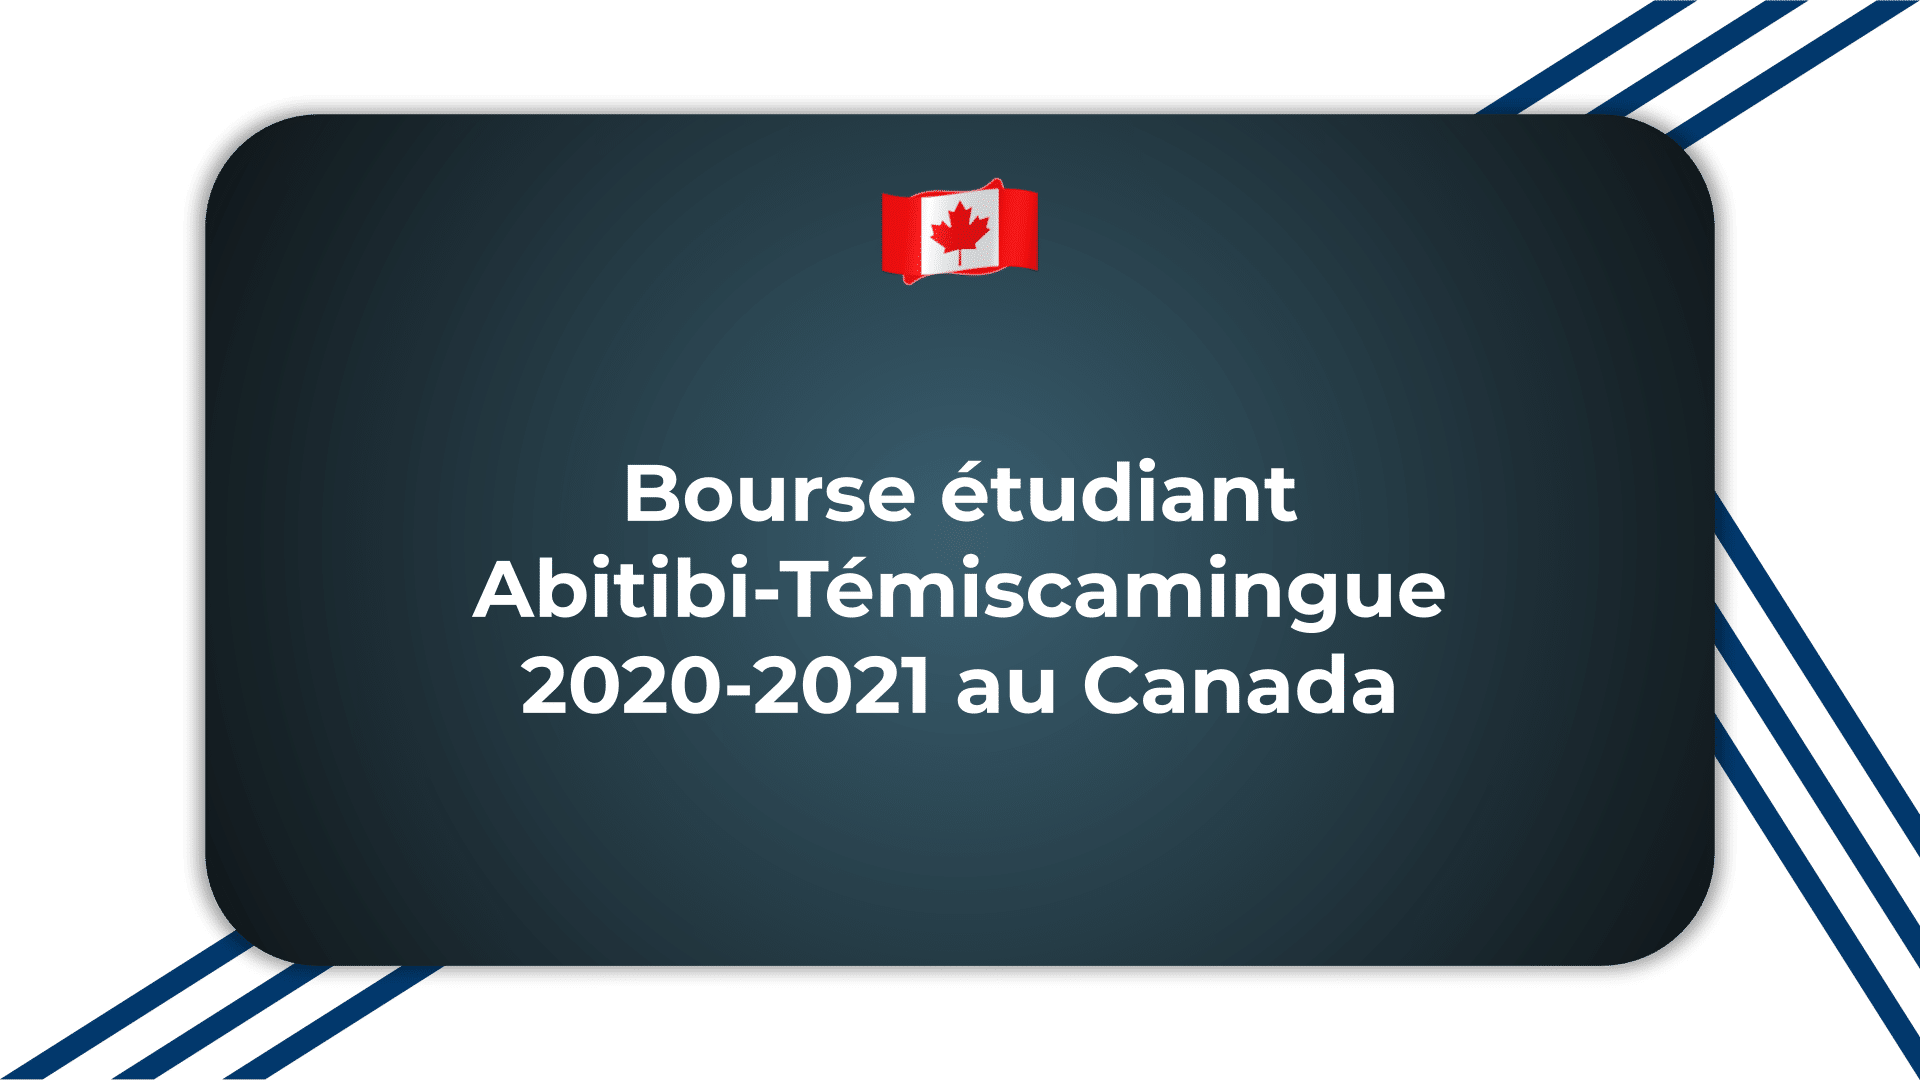 Bourse étudiant Abitibi-Témiscamingue